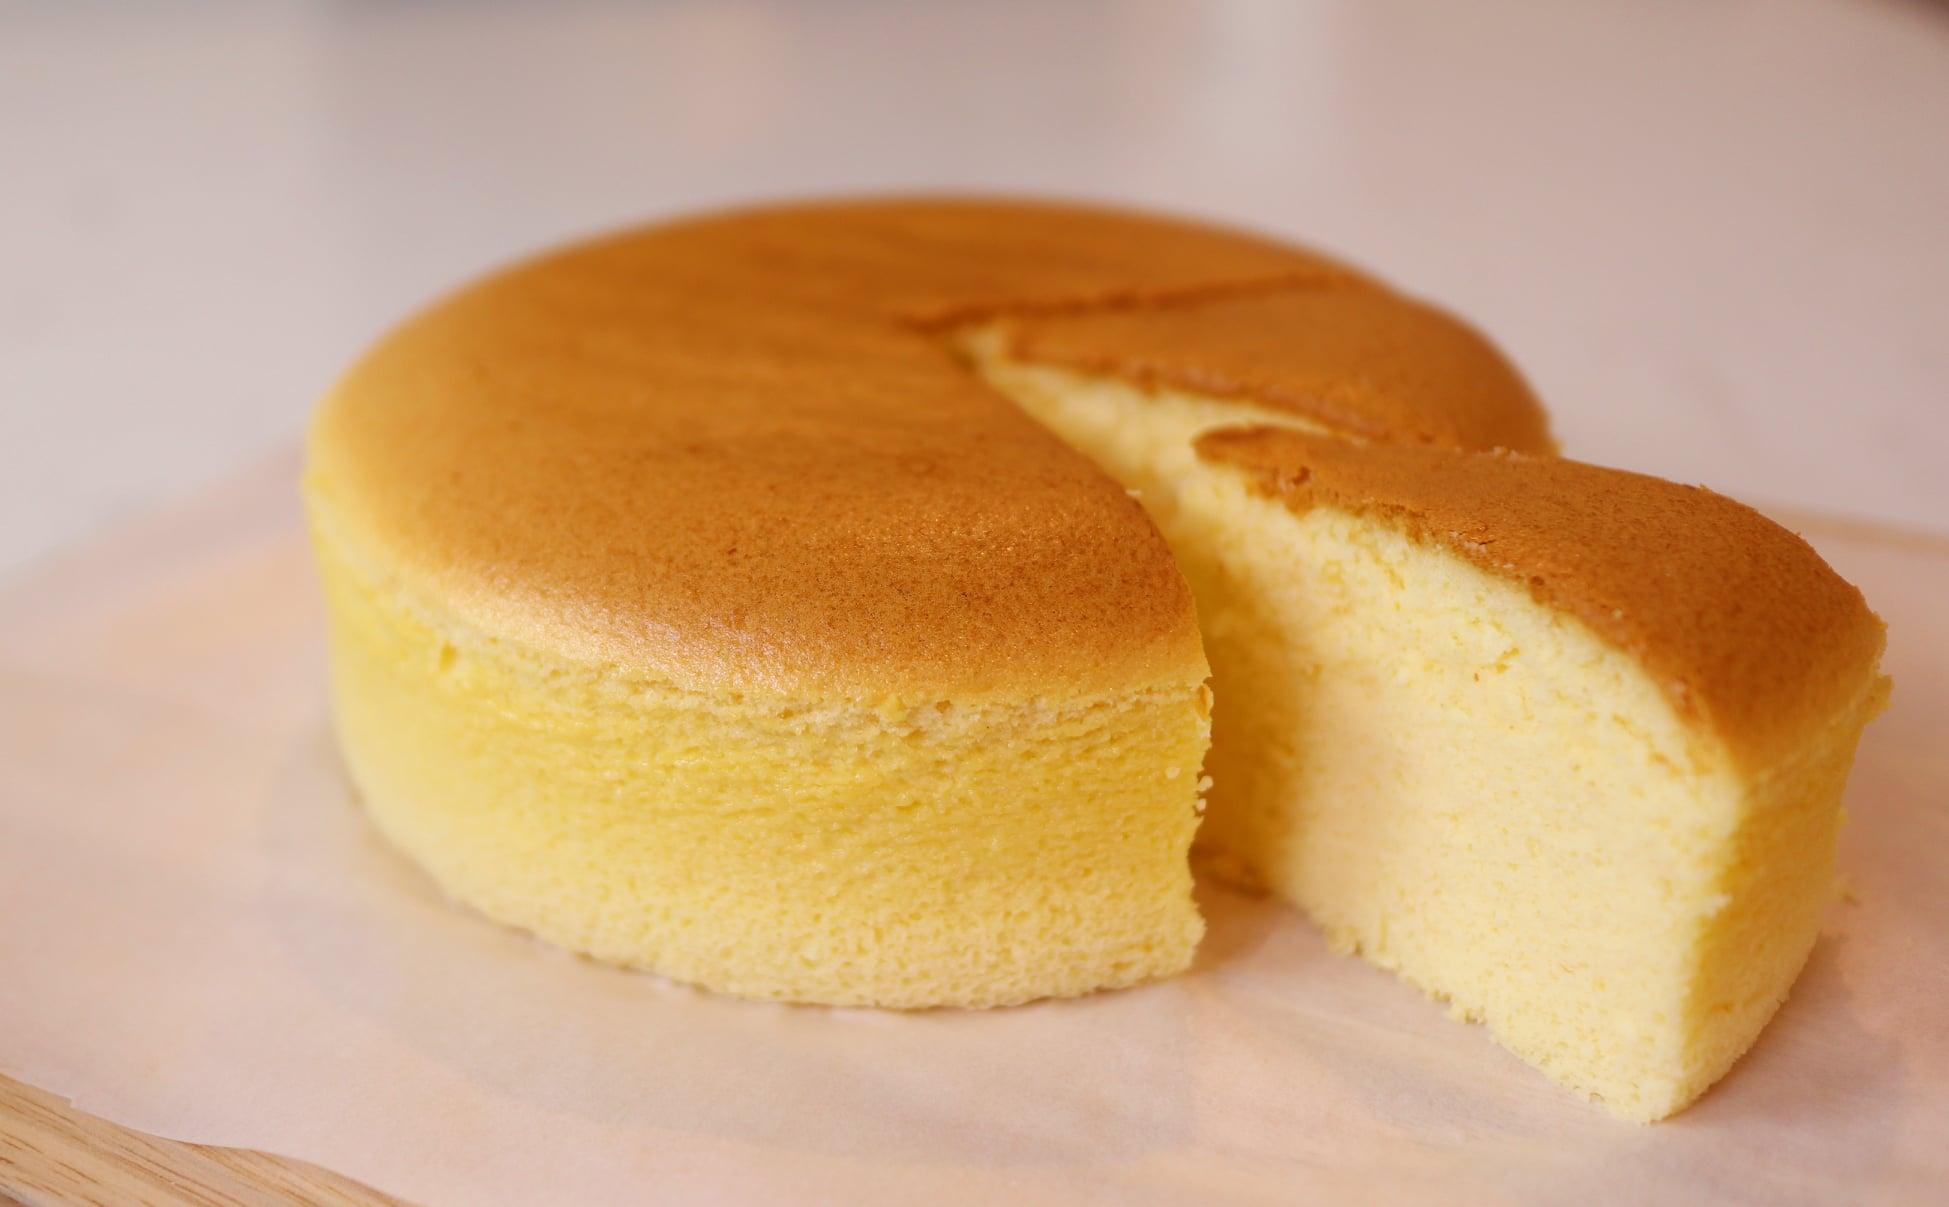 Mê mẩn bánh bông lan phô mai Nhật Bản mềm xốp béo mịn - công thức lại đơn giản vô cùng - Ảnh 1